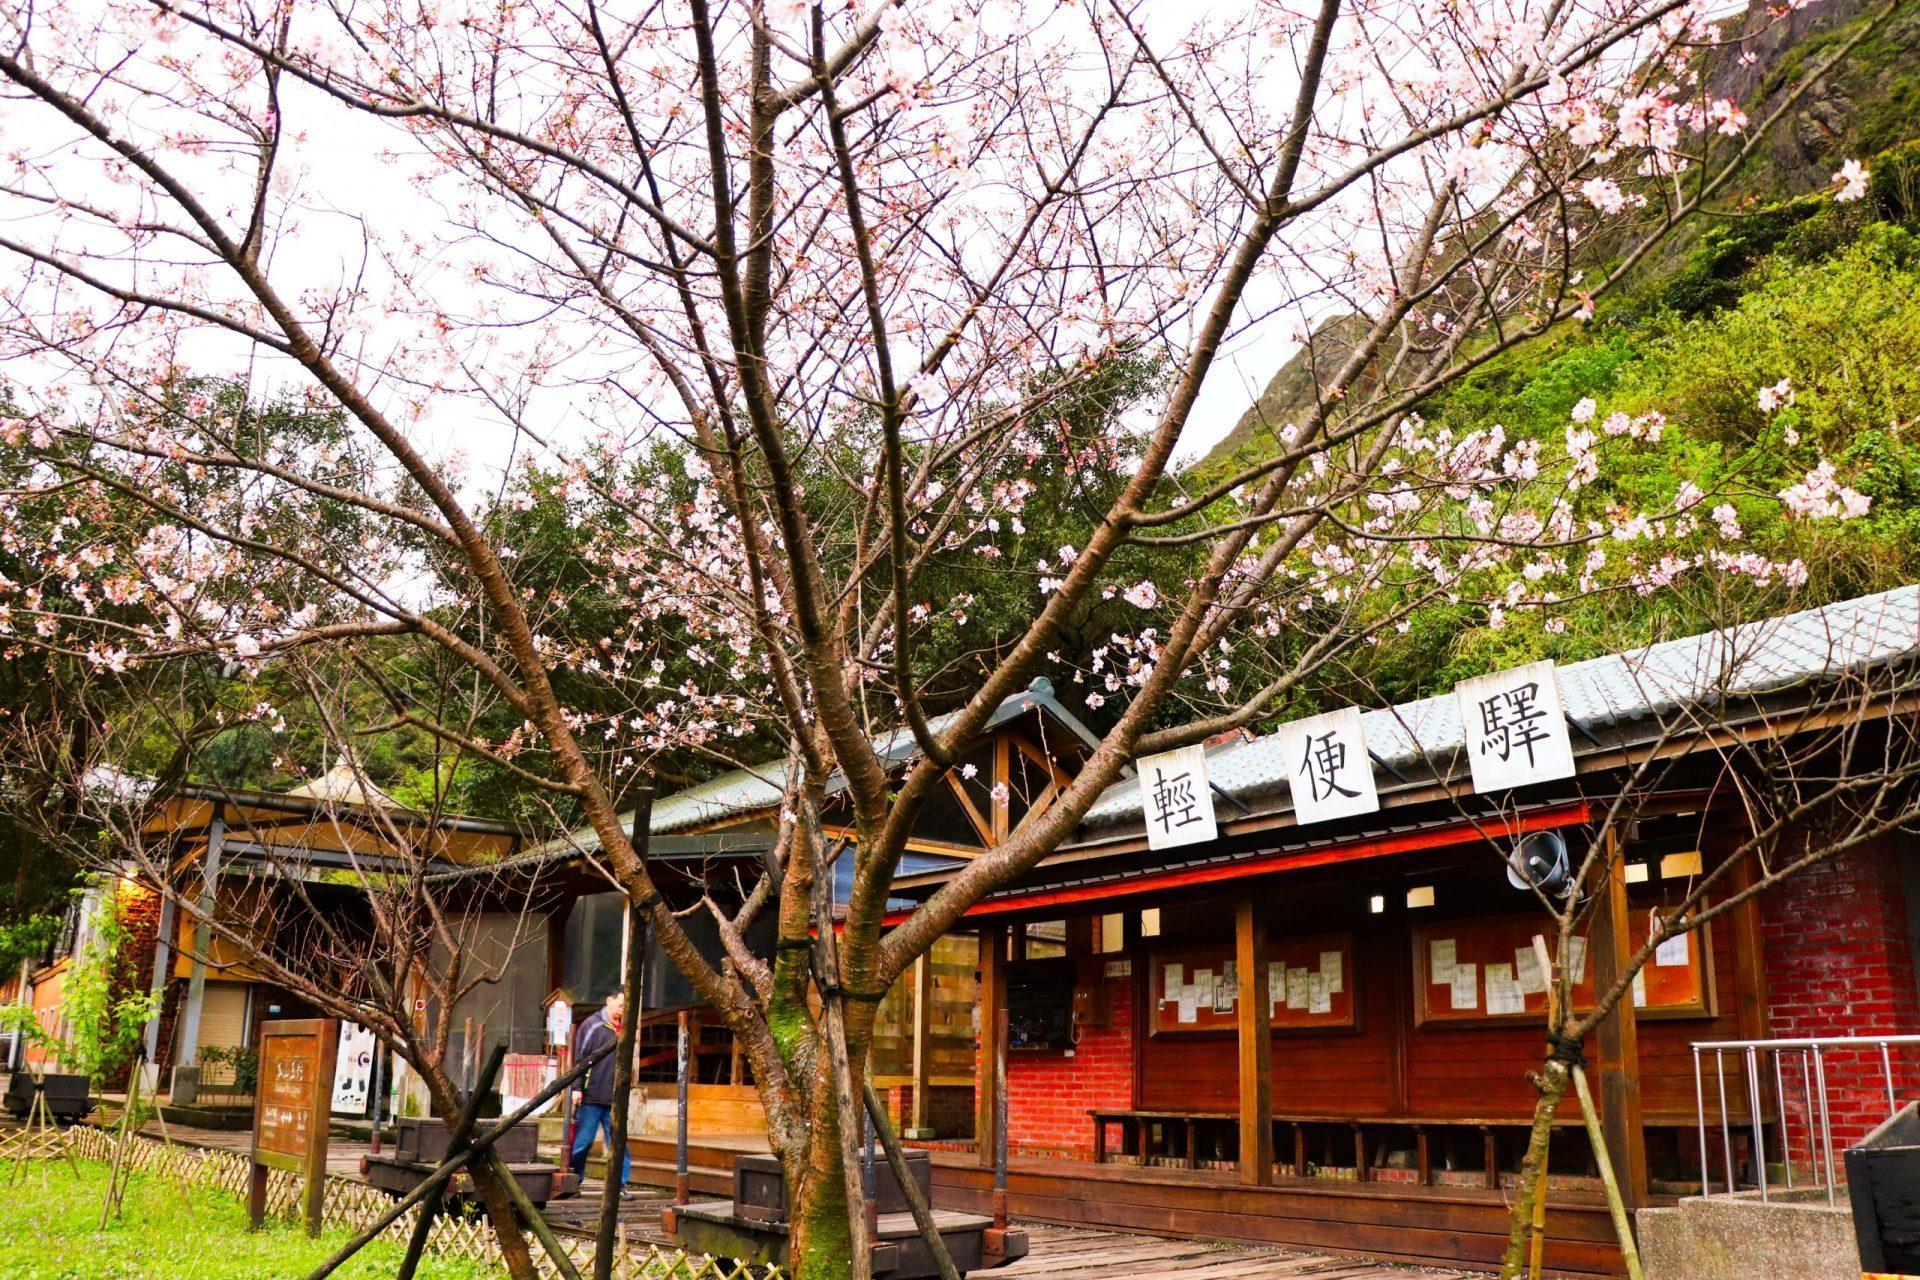 金瓜石黃金博物館 輕便驛櫻花樹